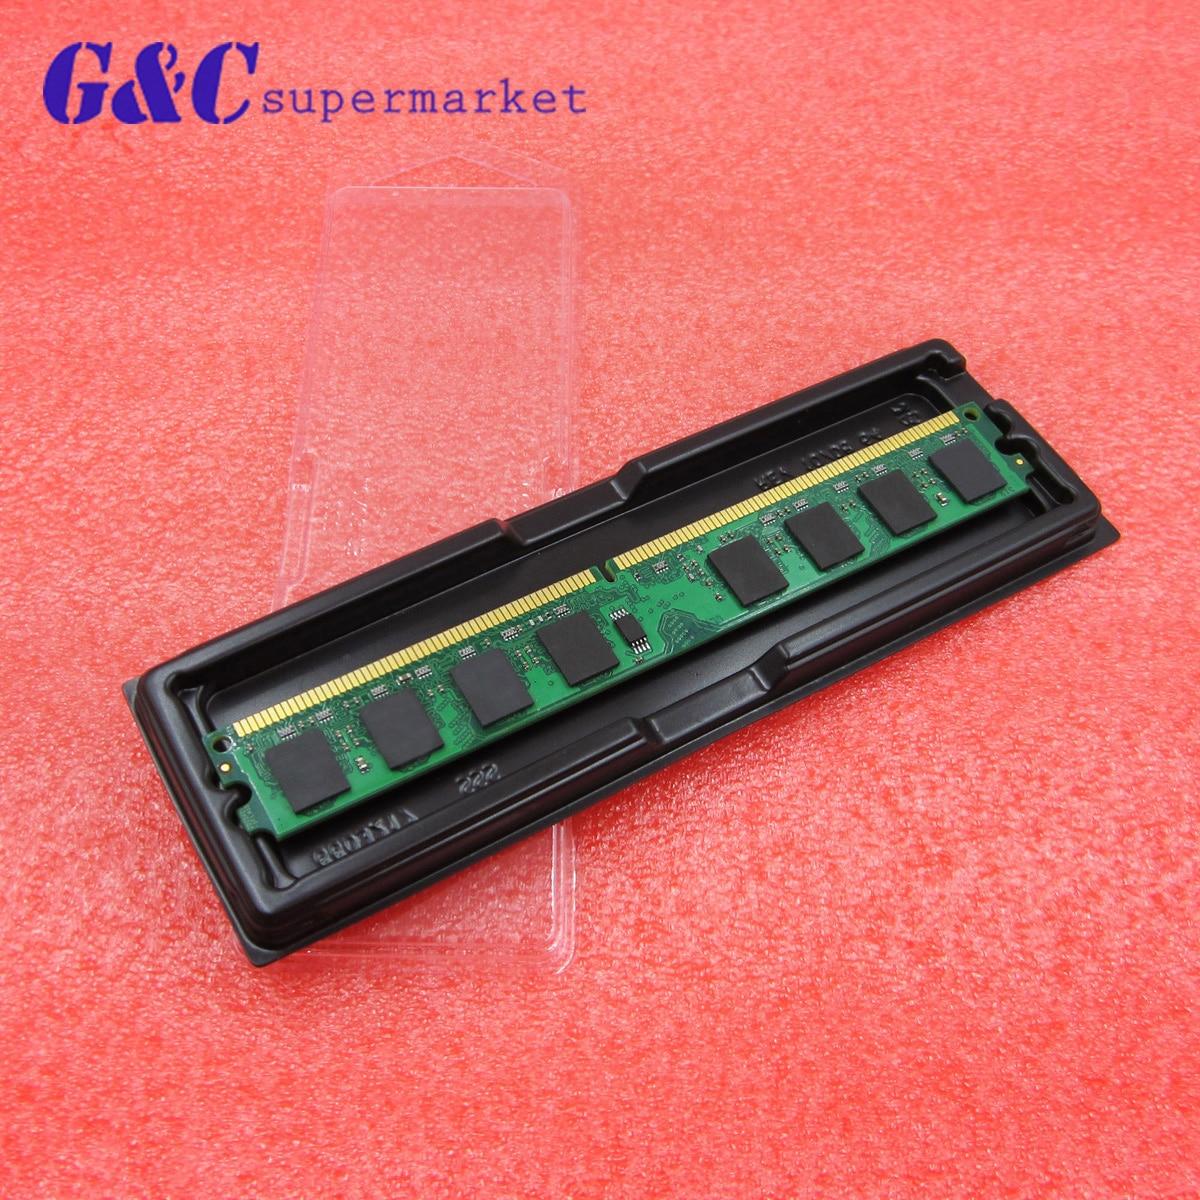 Nueva 2 GB DDR2 PC2-5300 667 MHz para PC de escritorio DIMM memoria RAM 240 pines Kembona original chips marca PC de escritorio DDR2 1 GB/2 GB/4 GB 800 MHz/667 MHz/533 MHz DDR 2 DIMM-240-Pins escritorio memoria Ram